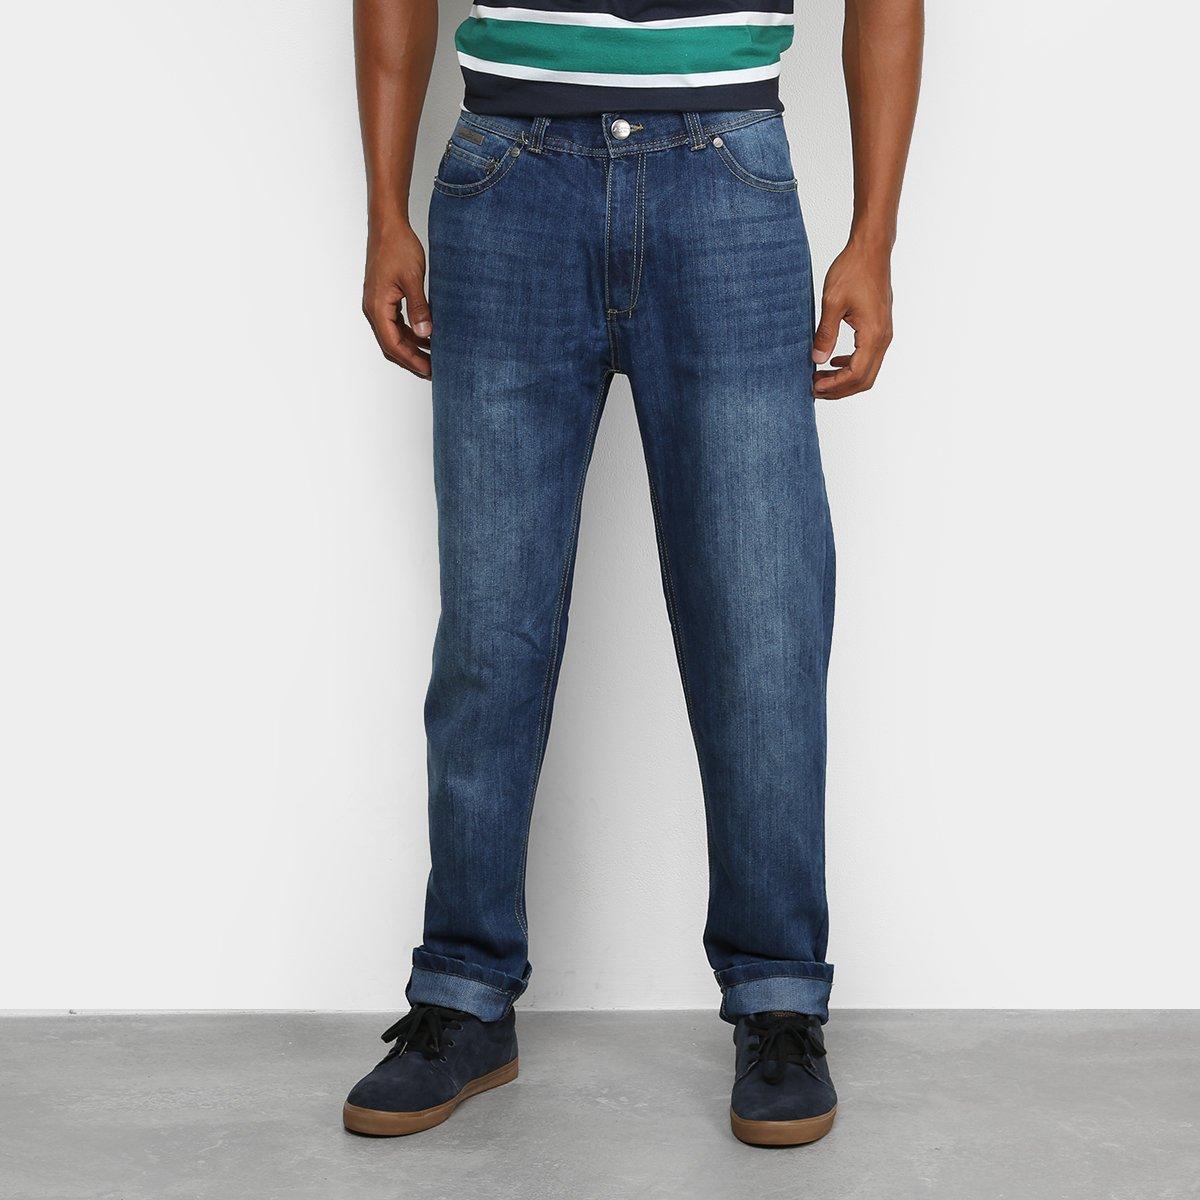 Calça Jeans HD 1256 Masculina